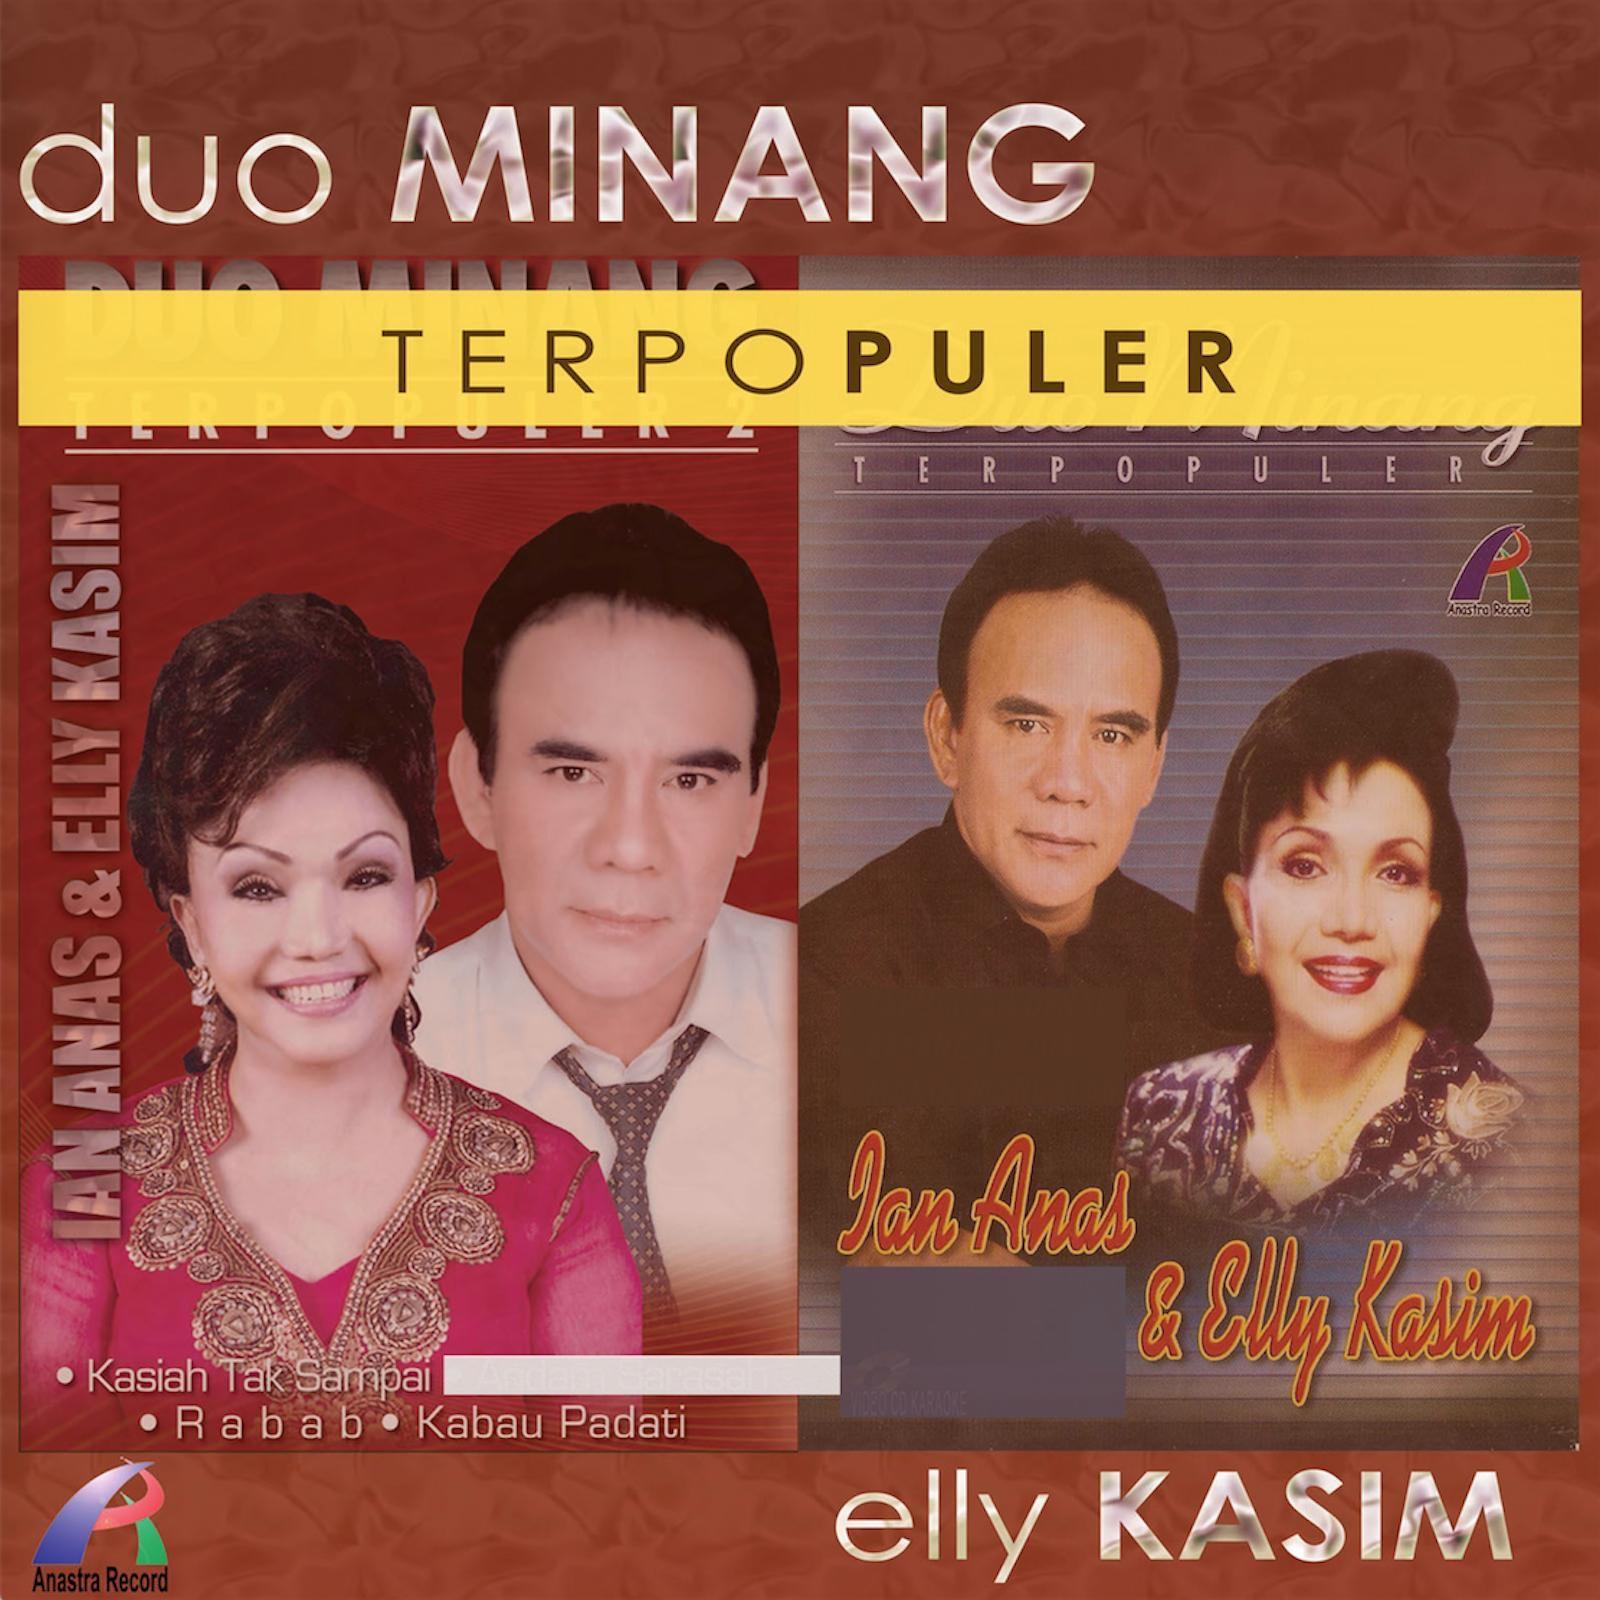 Duo Minang Terpopuler Elly Kasim